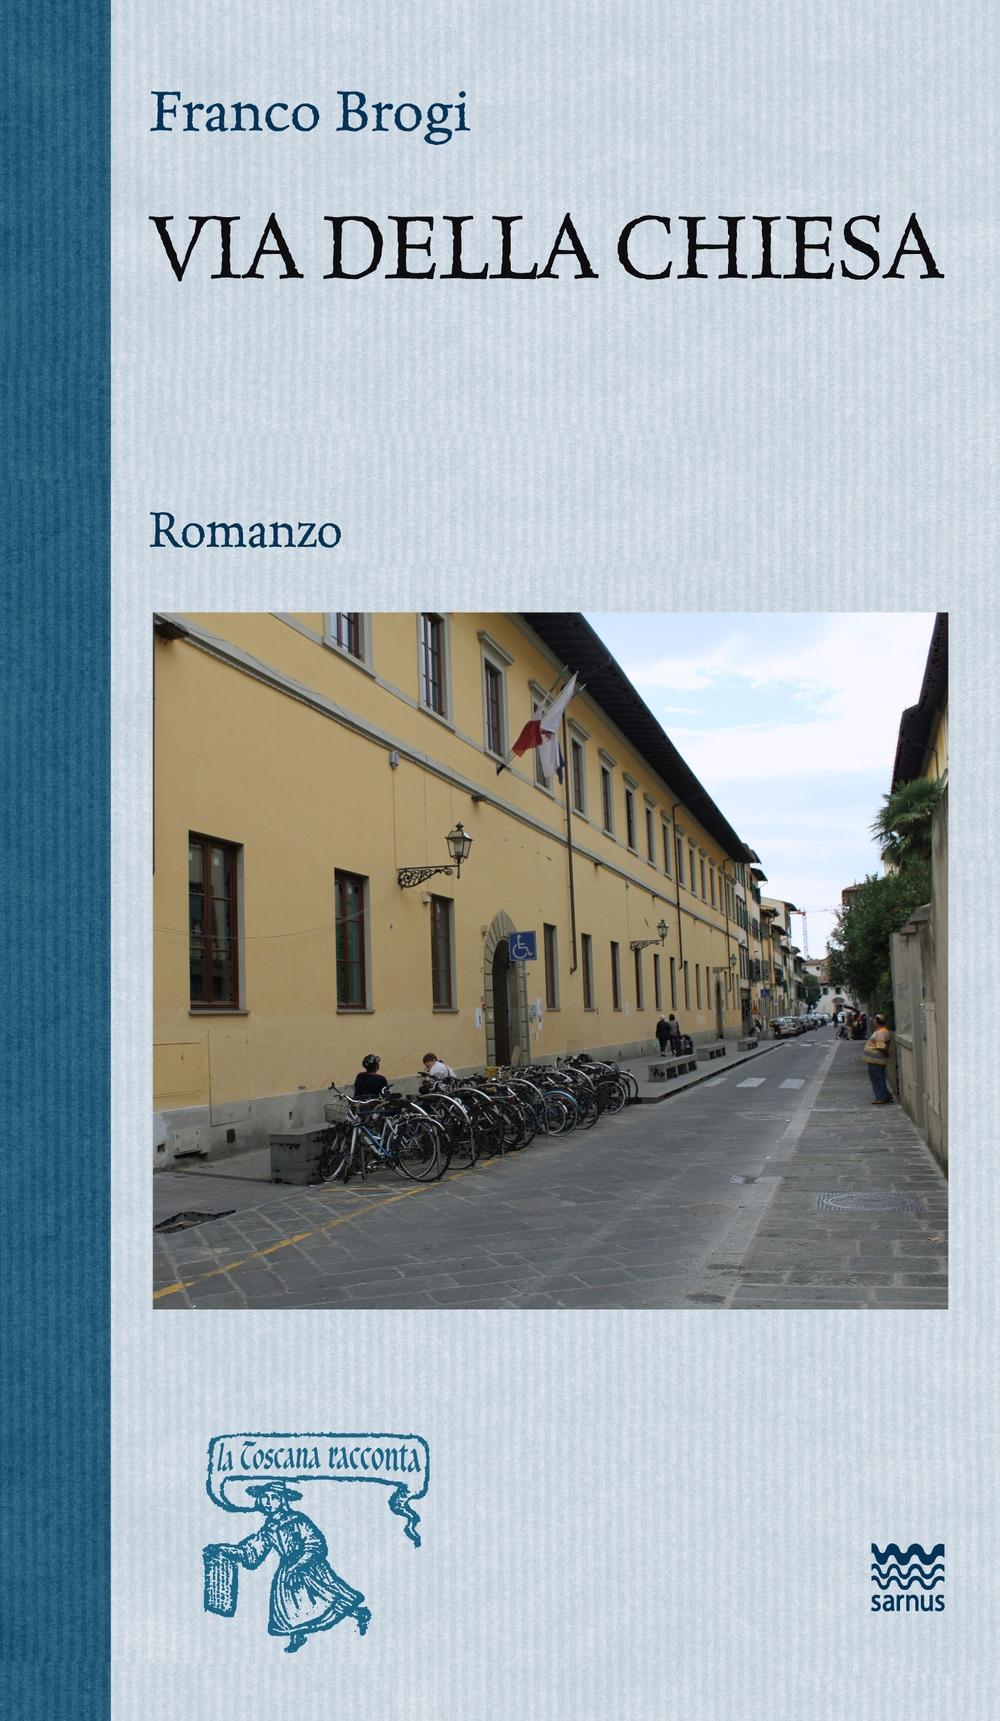 Via della chiesa. Ricordi e storie di migranti in Toscana.